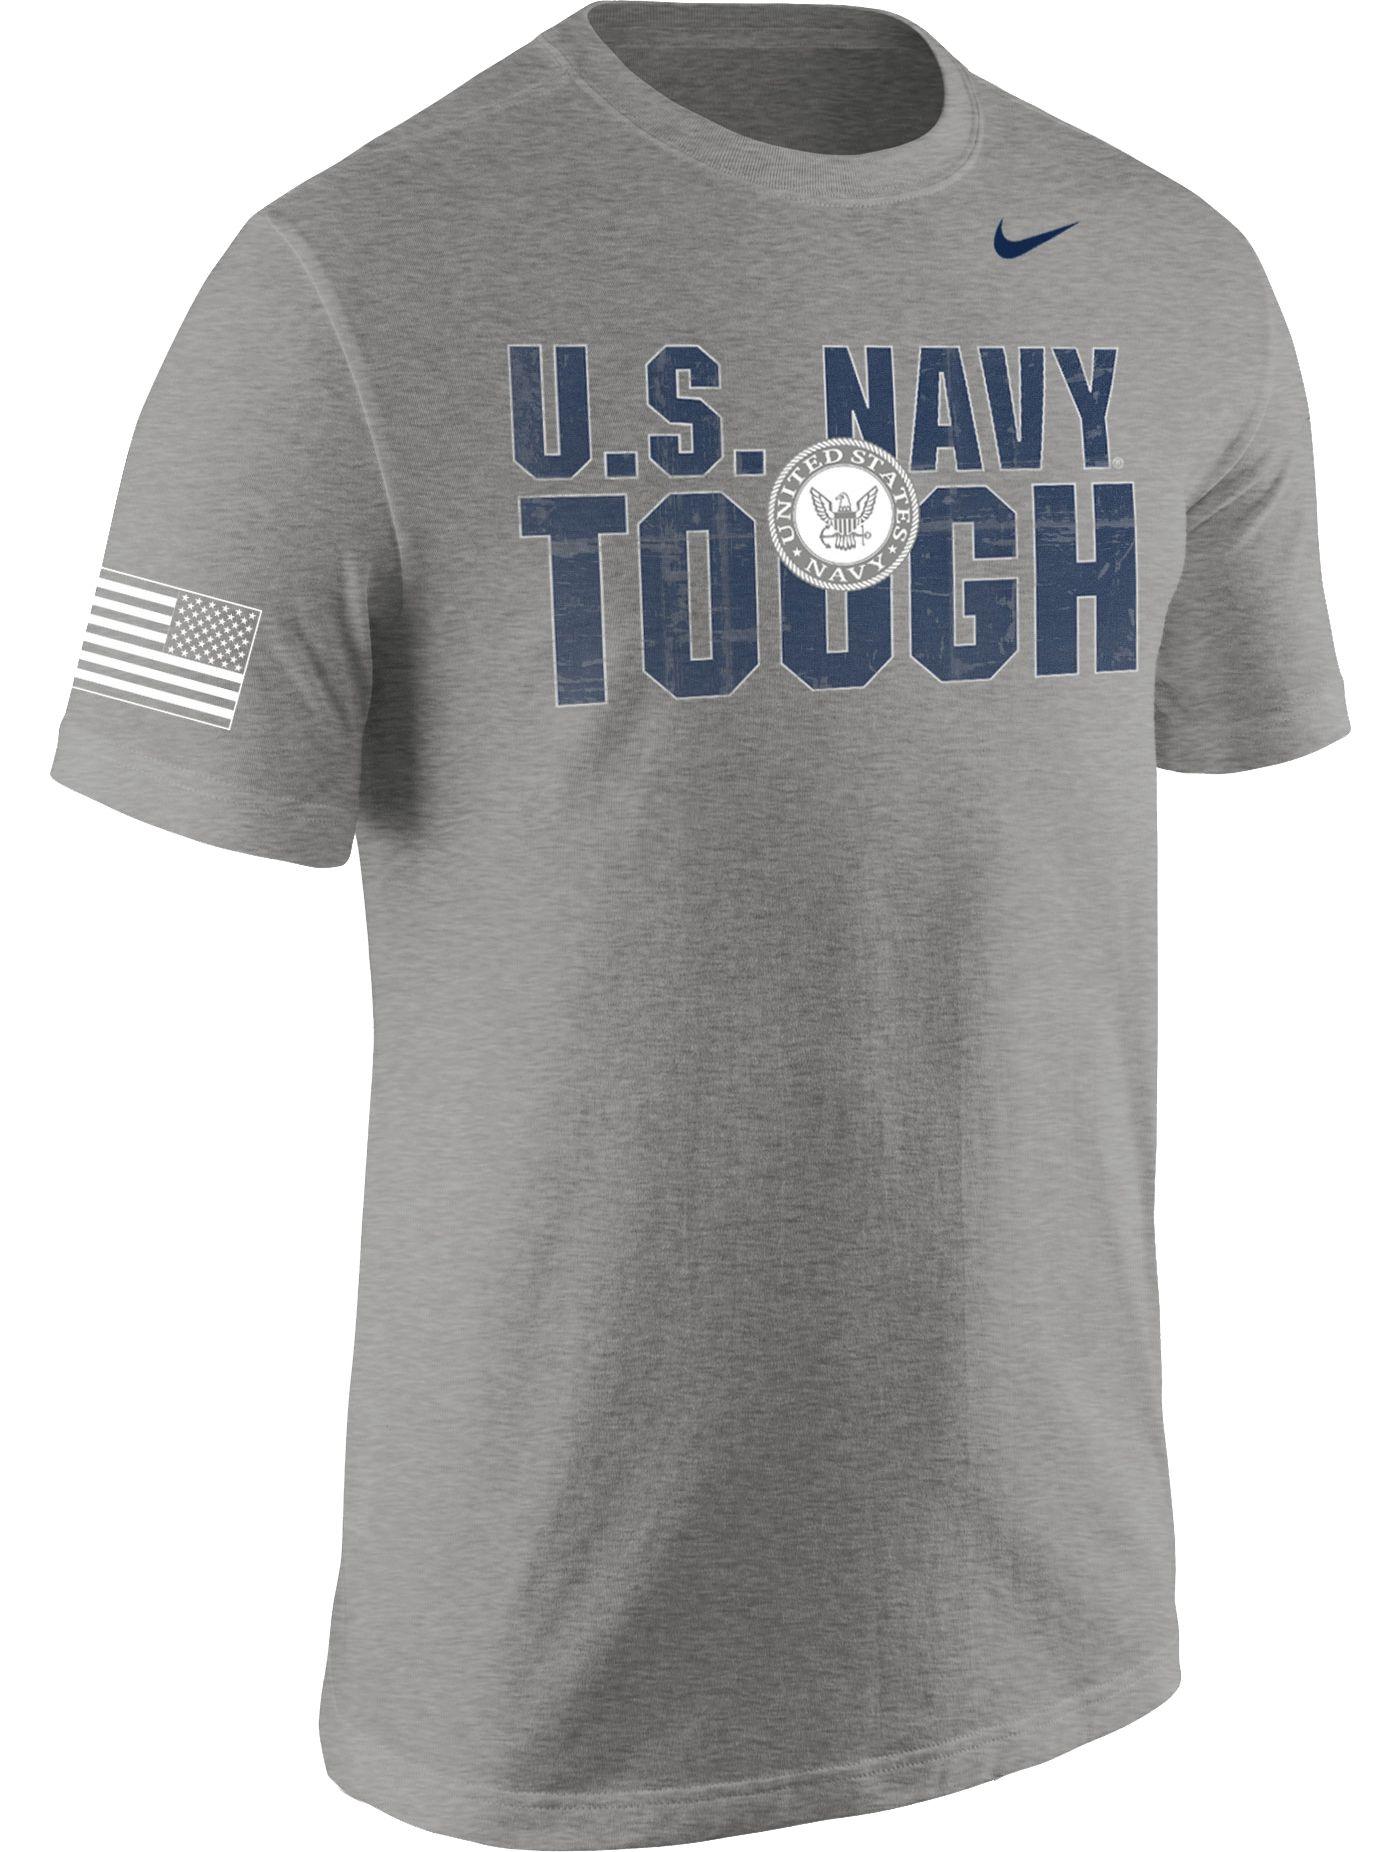 Nike Men's United States Navy Grey Tough T-Shirt